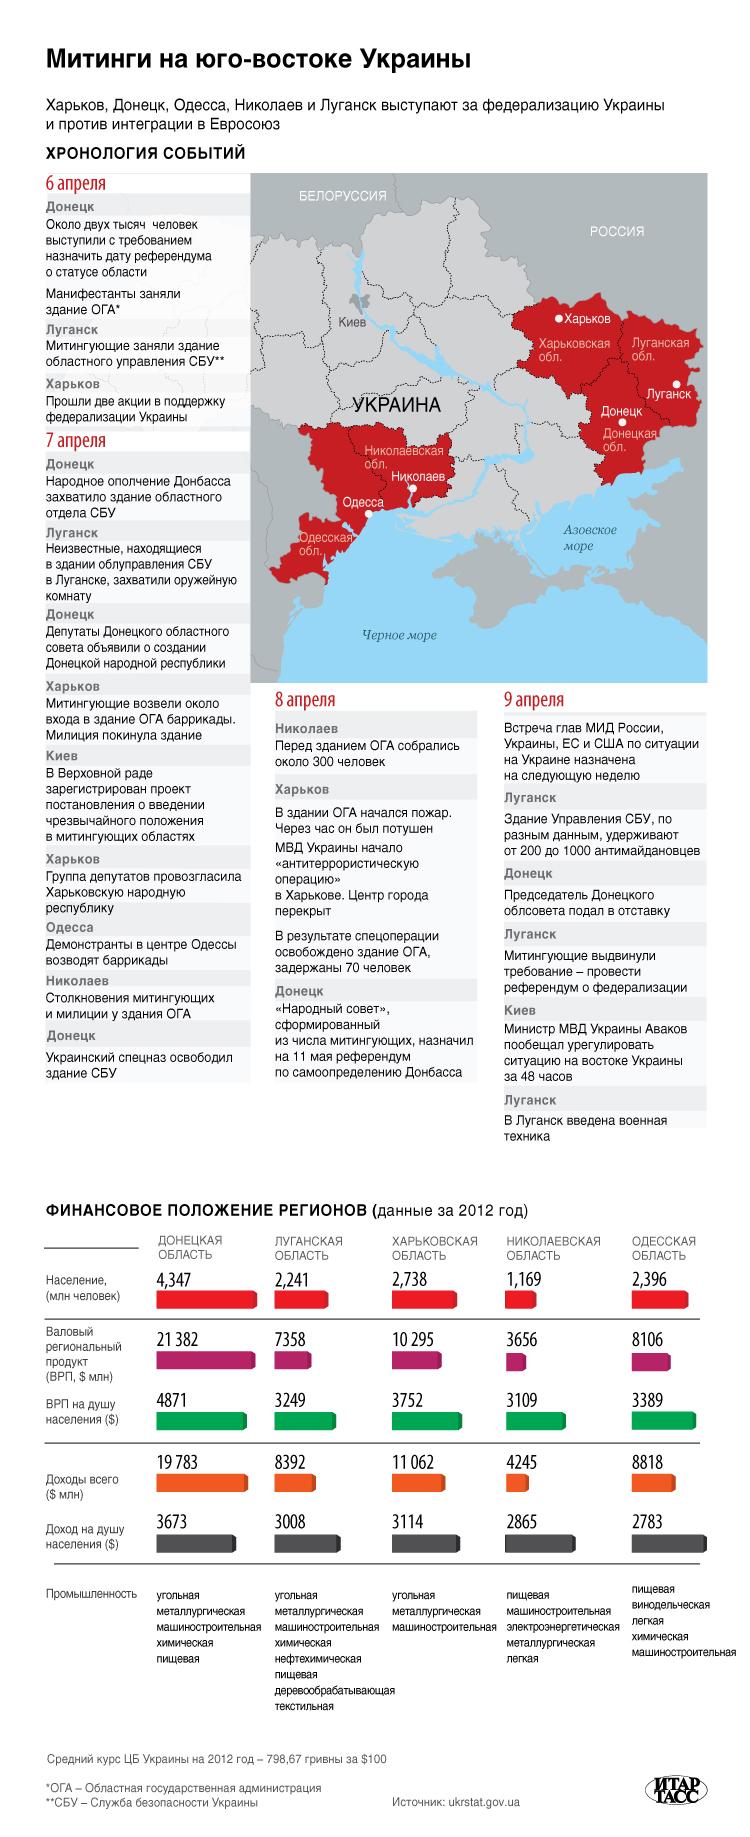 Митинги на юго-востоке Украины